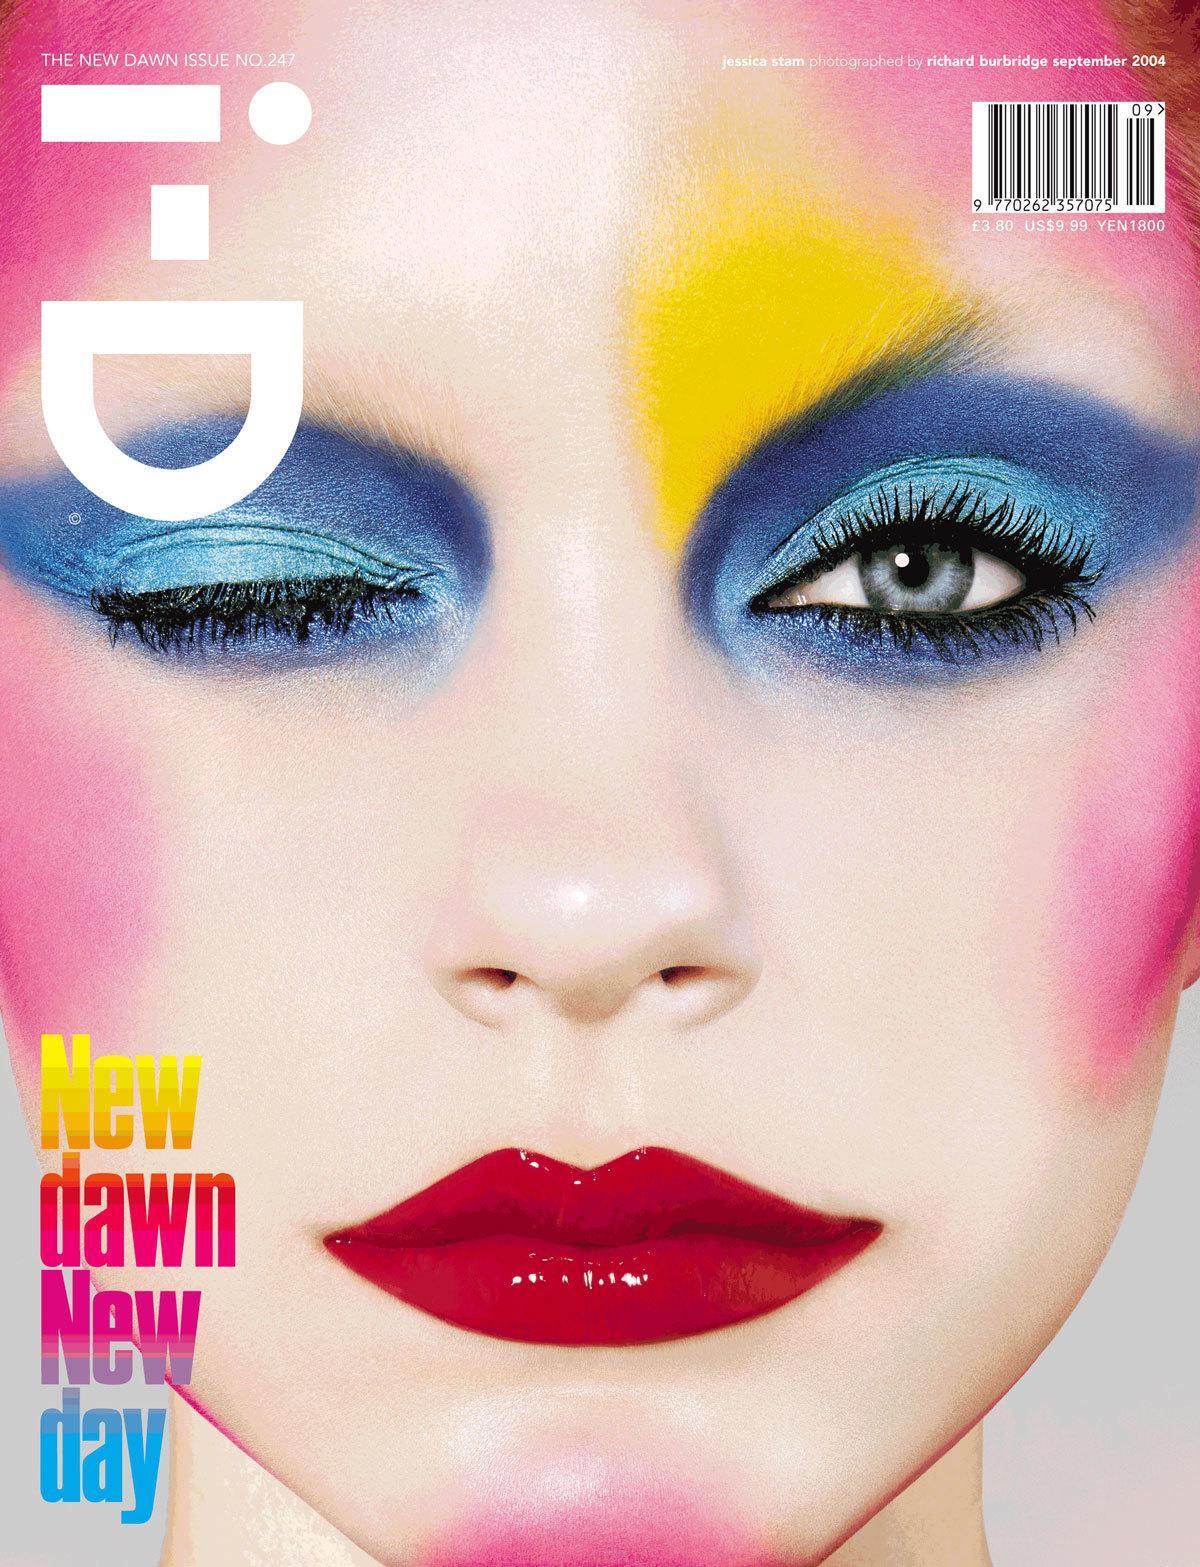 Jessica Stam by Richard Burbridge for i-D magazine, September 2004 / Make-up: Pat McGrath